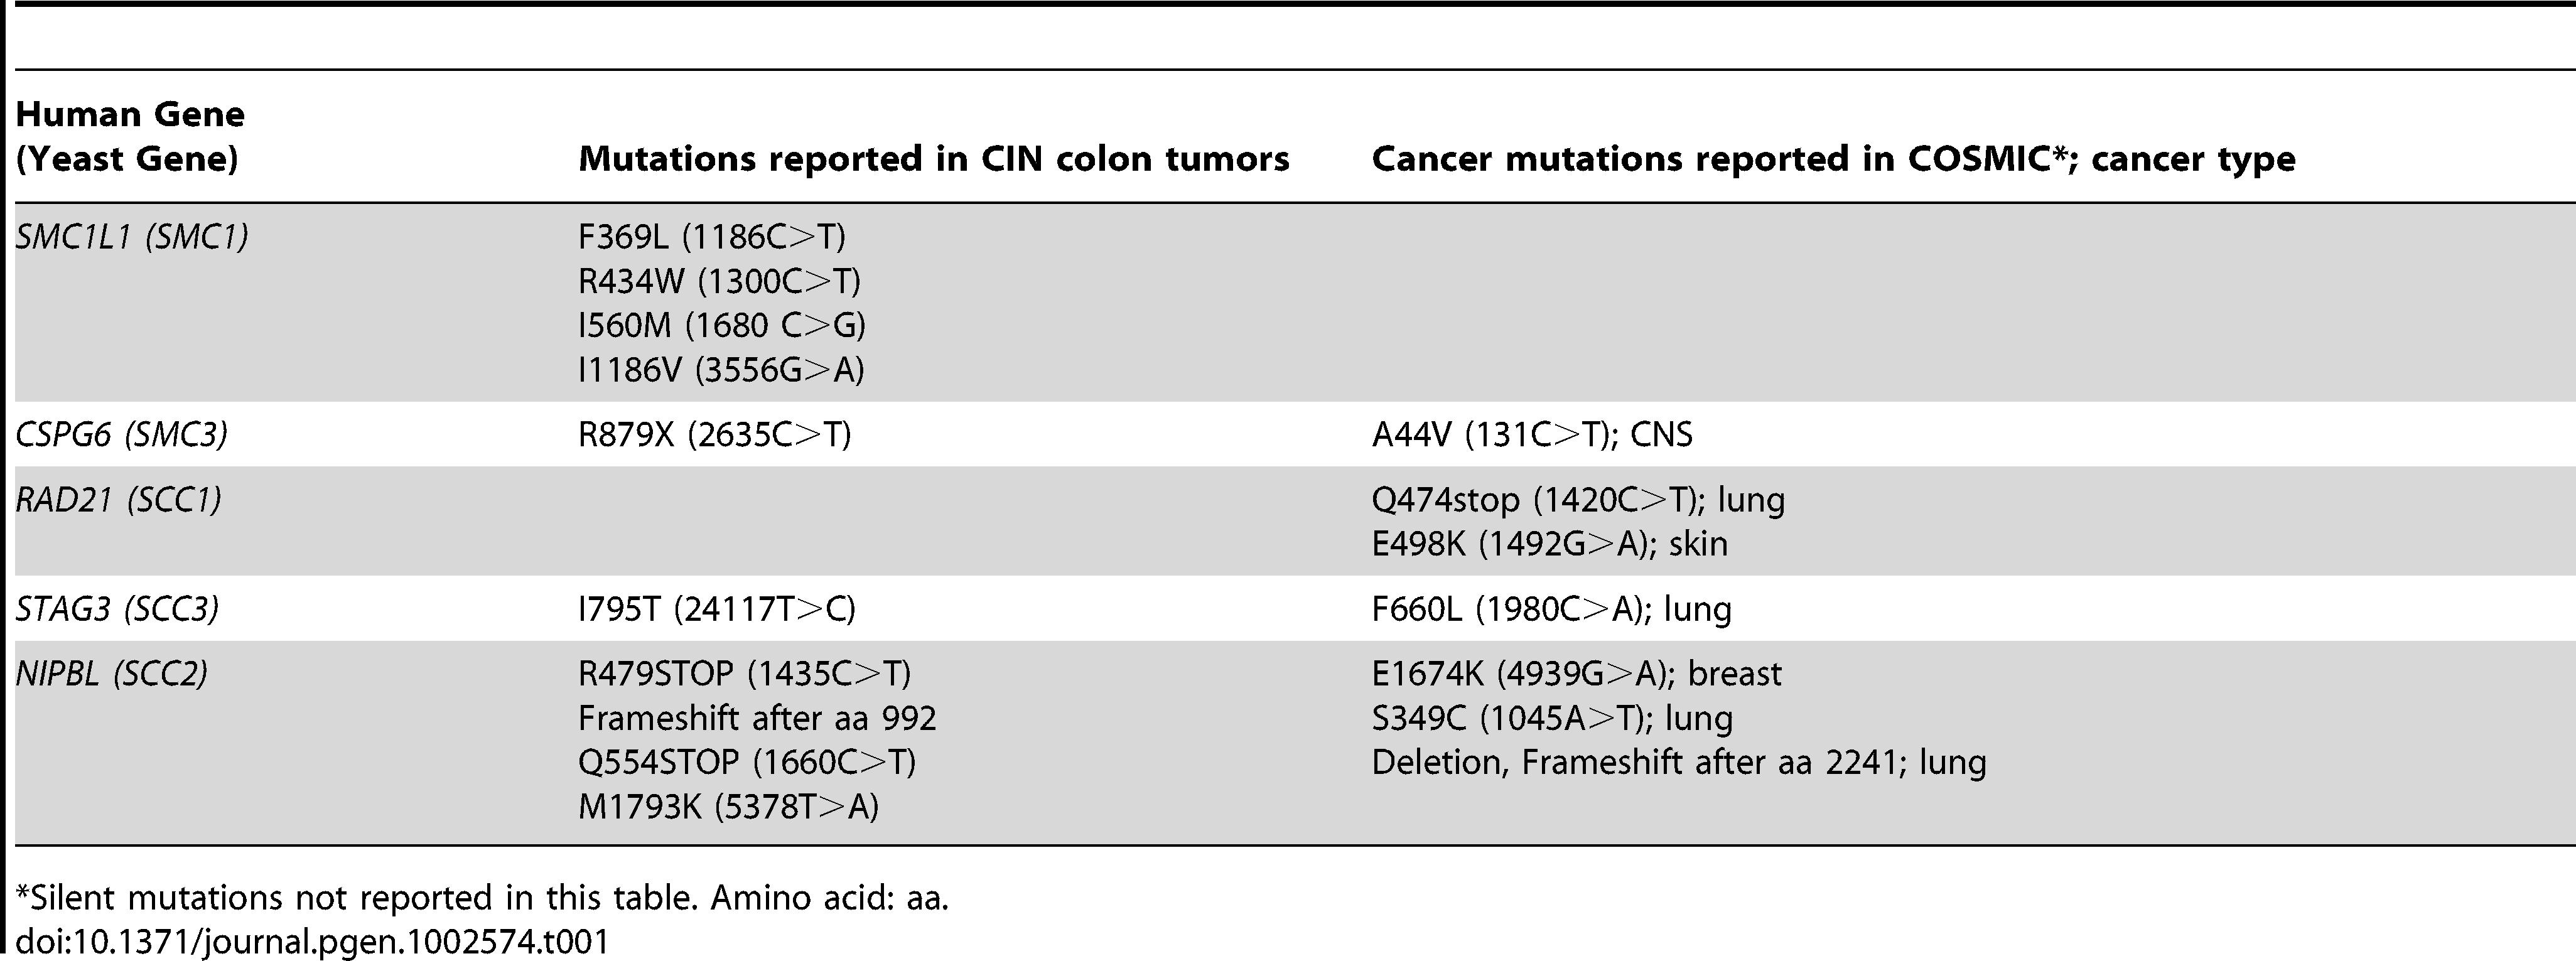 Mutations in cohesin genes seen in tumors.